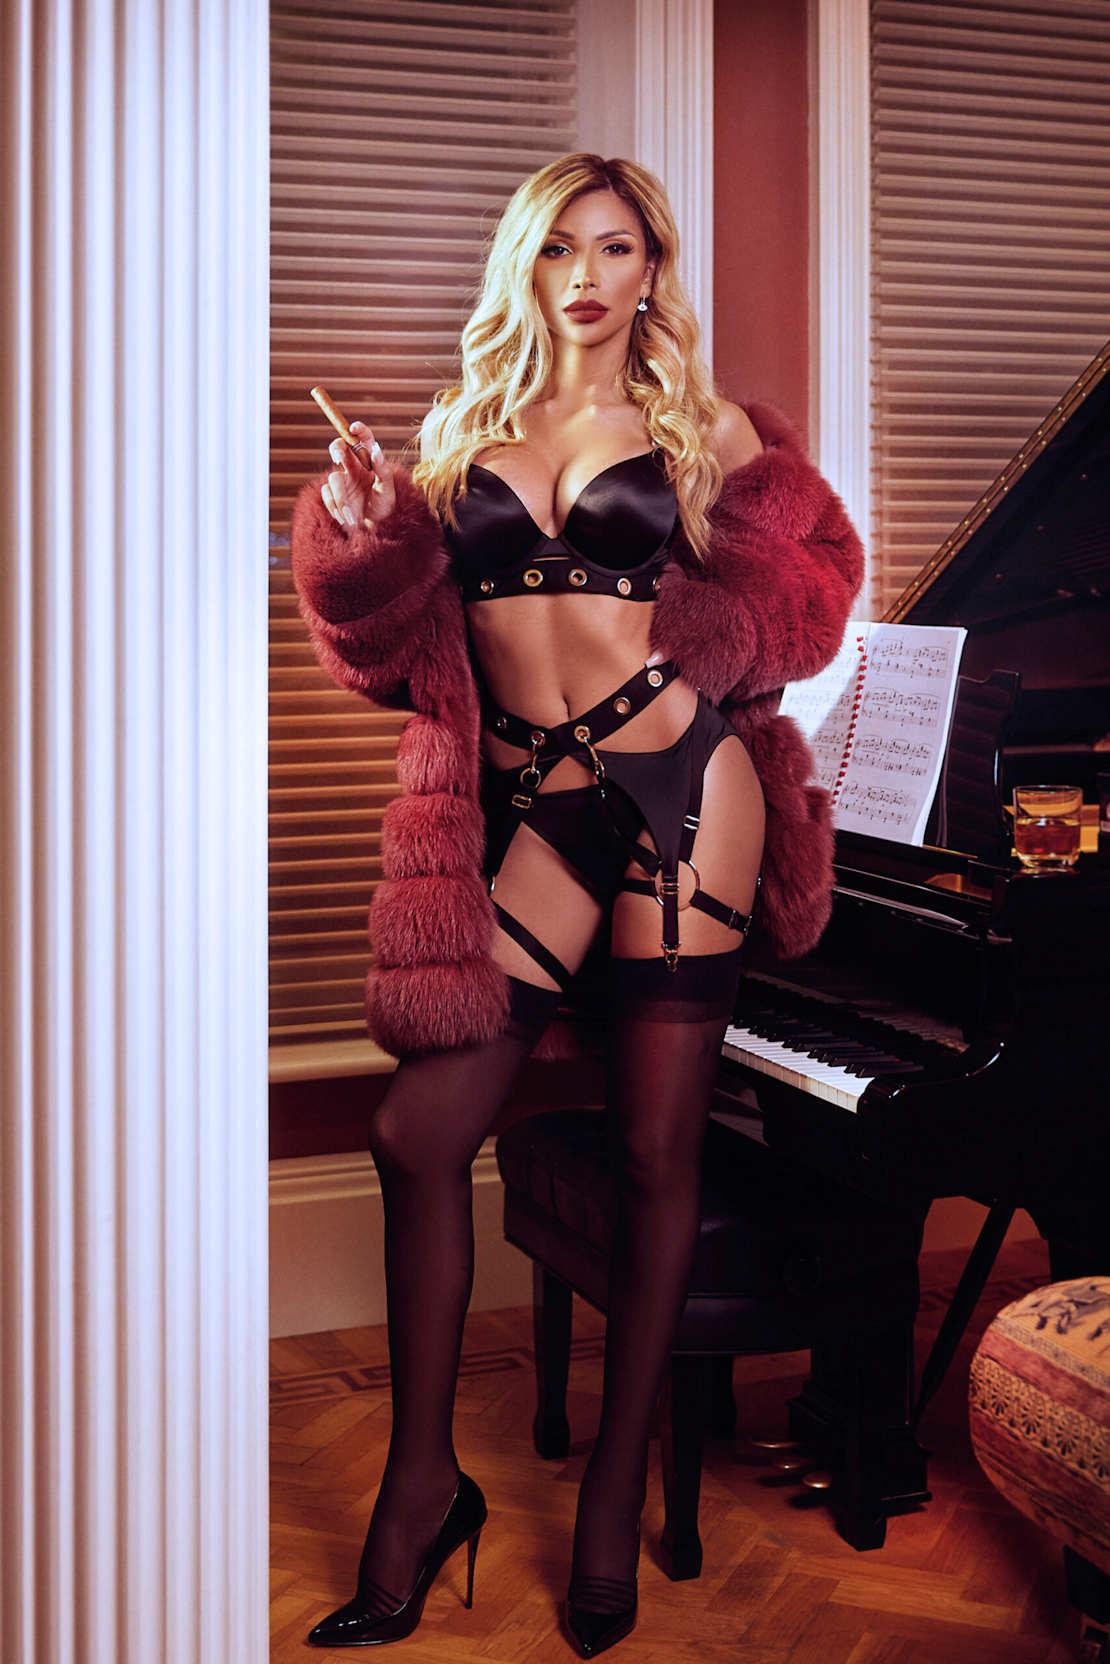 Beautiful London Shemale Escort Amanda Lima